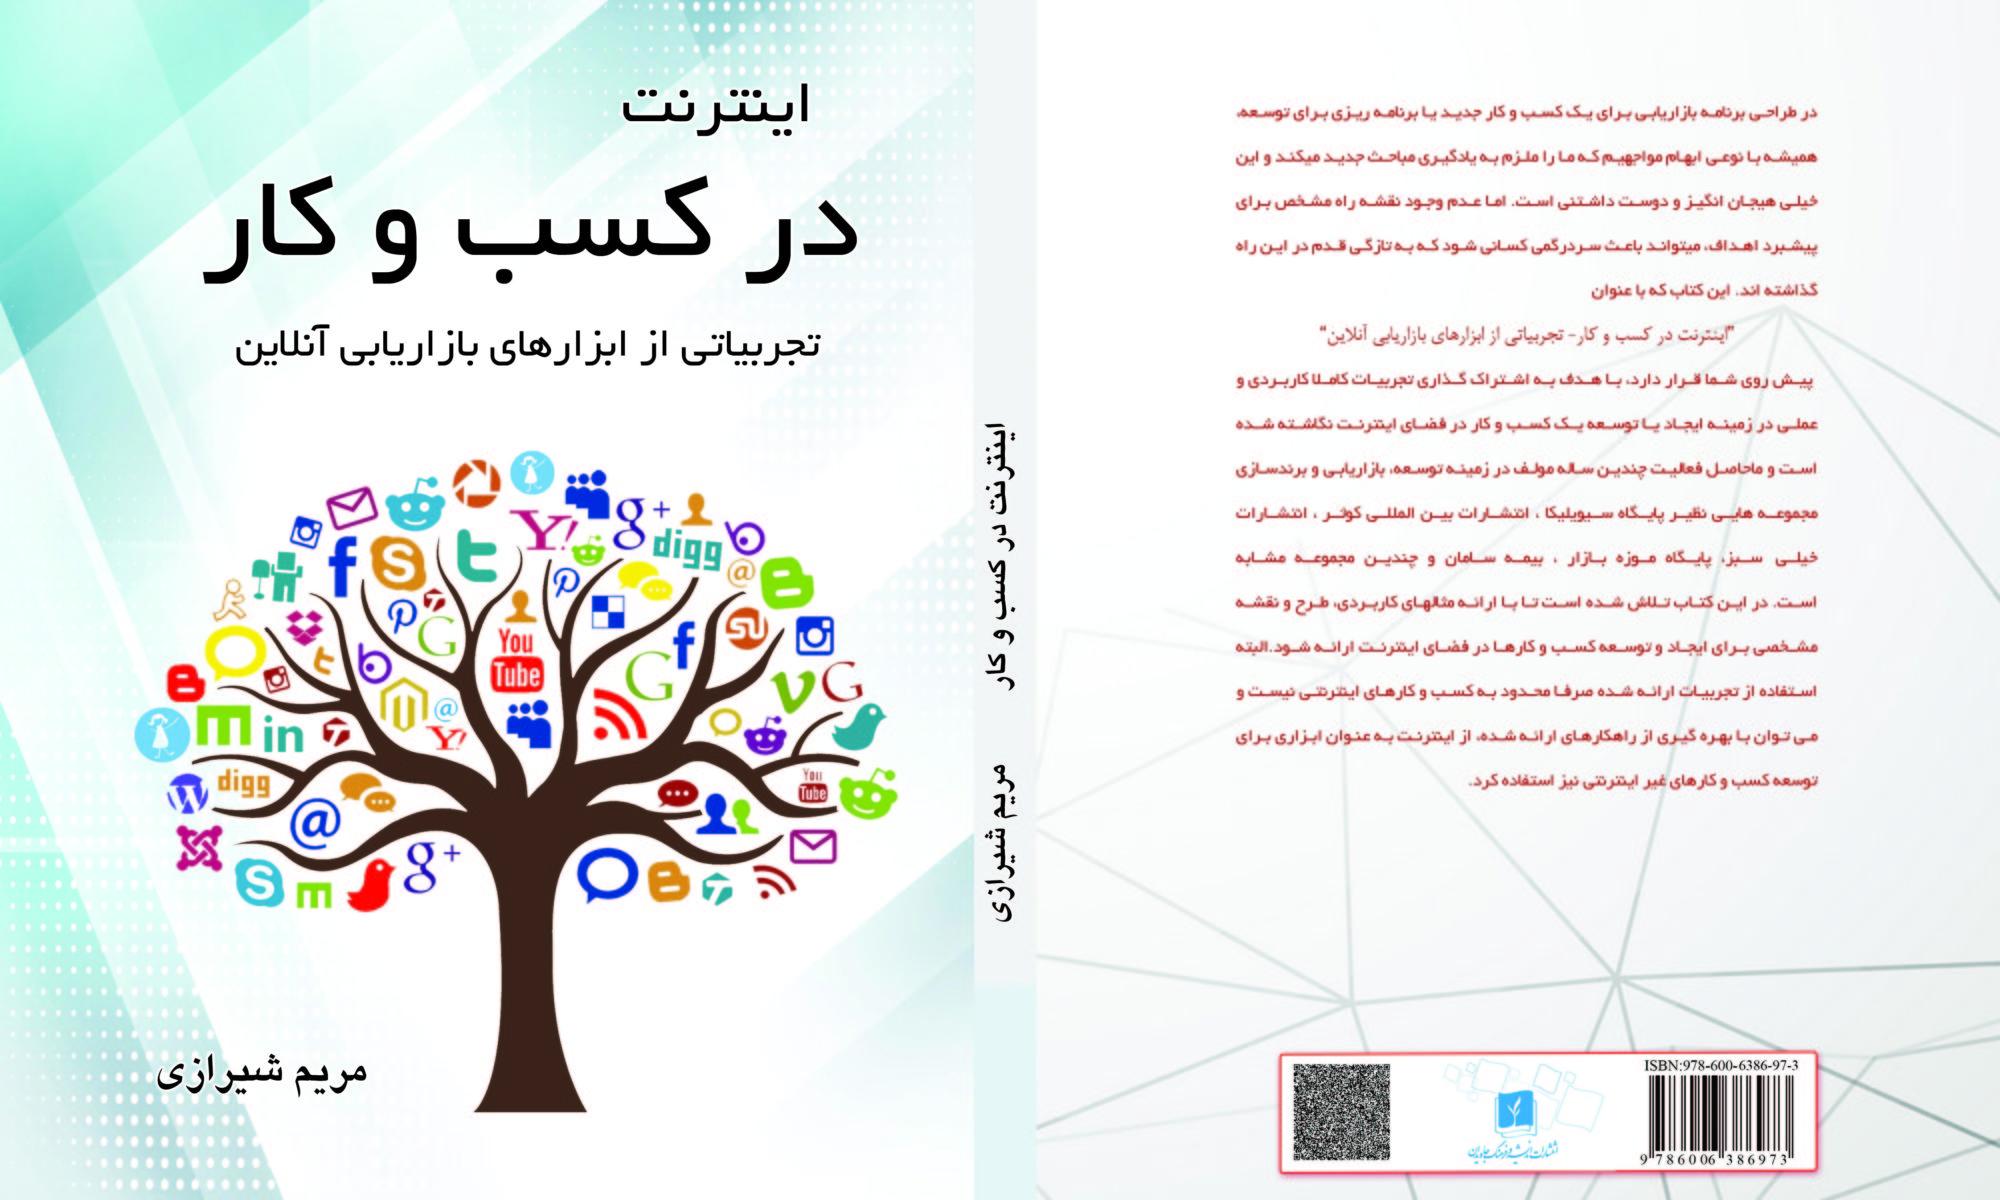 کتاب اینترنت در کسب و کار